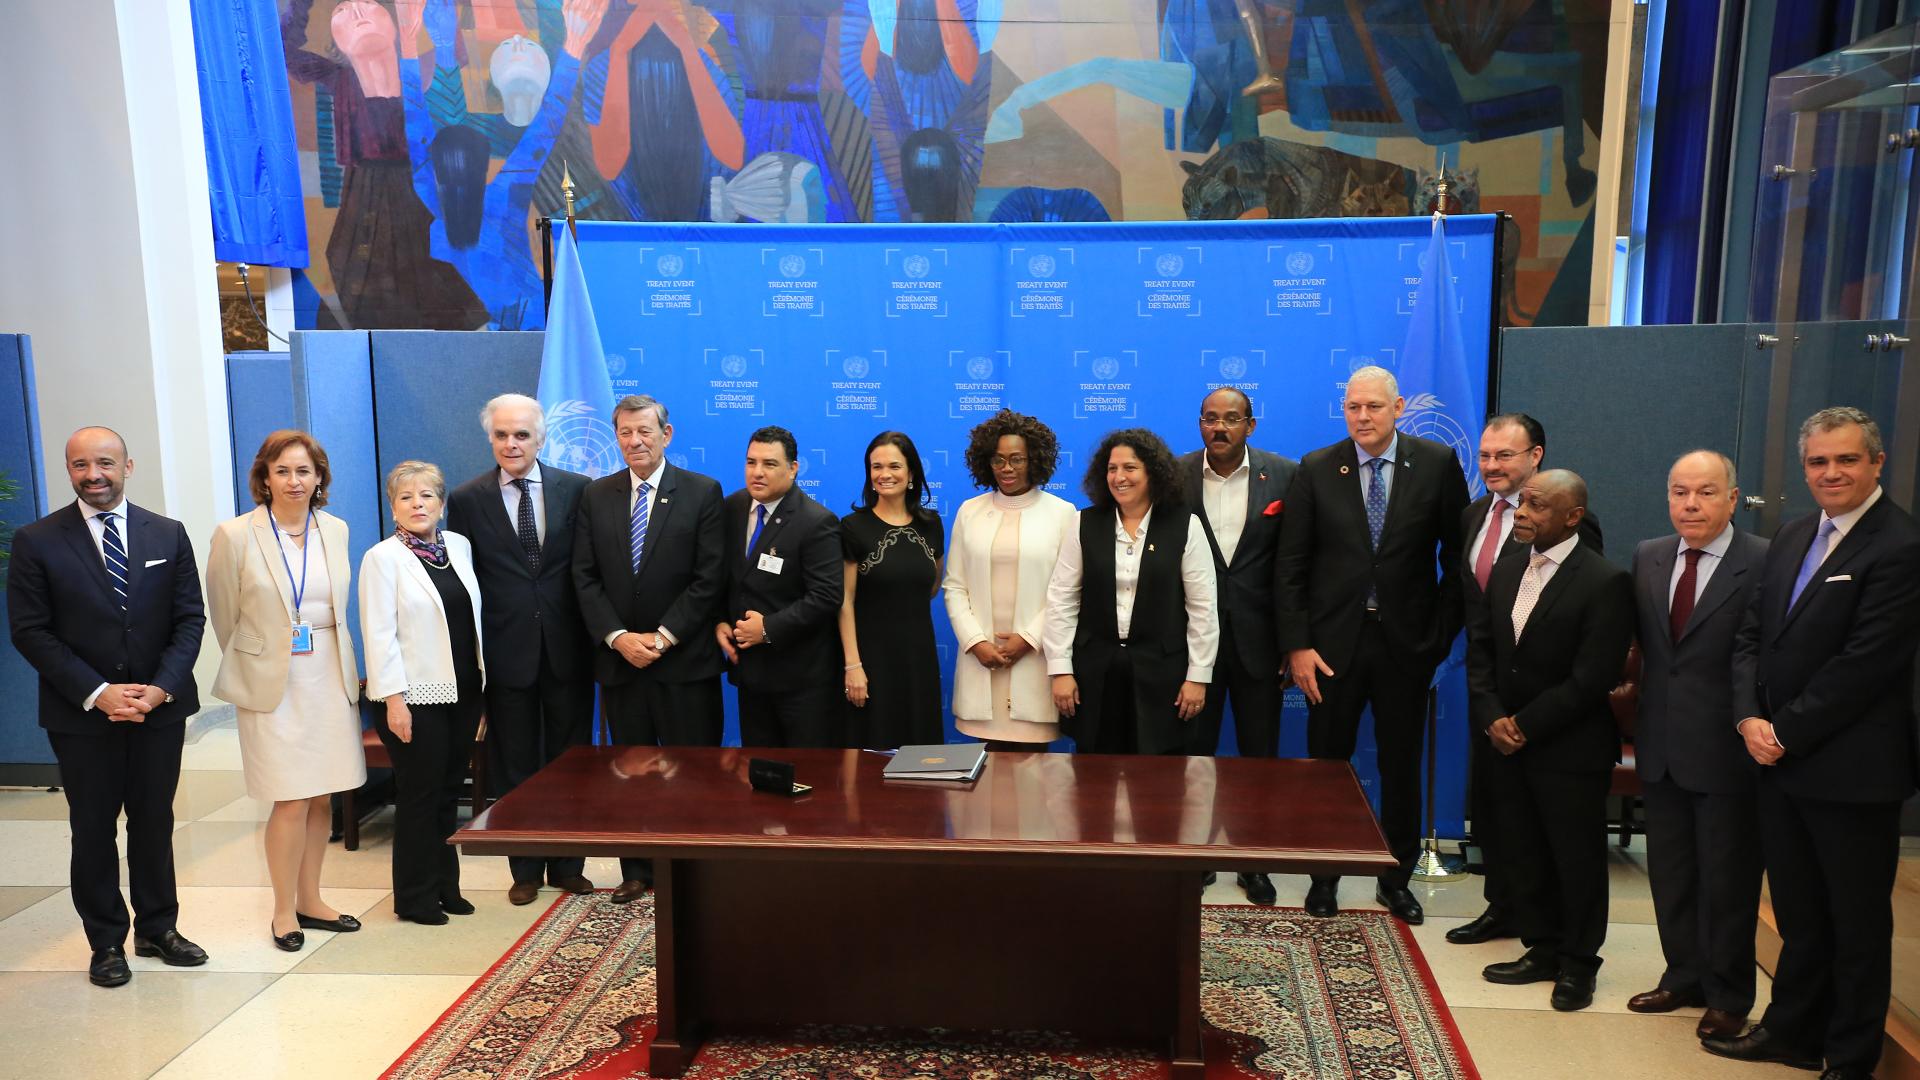 Fueron seis años de negociaciones para arribar al Acuerdo Escazú. Foto: CEPAL.